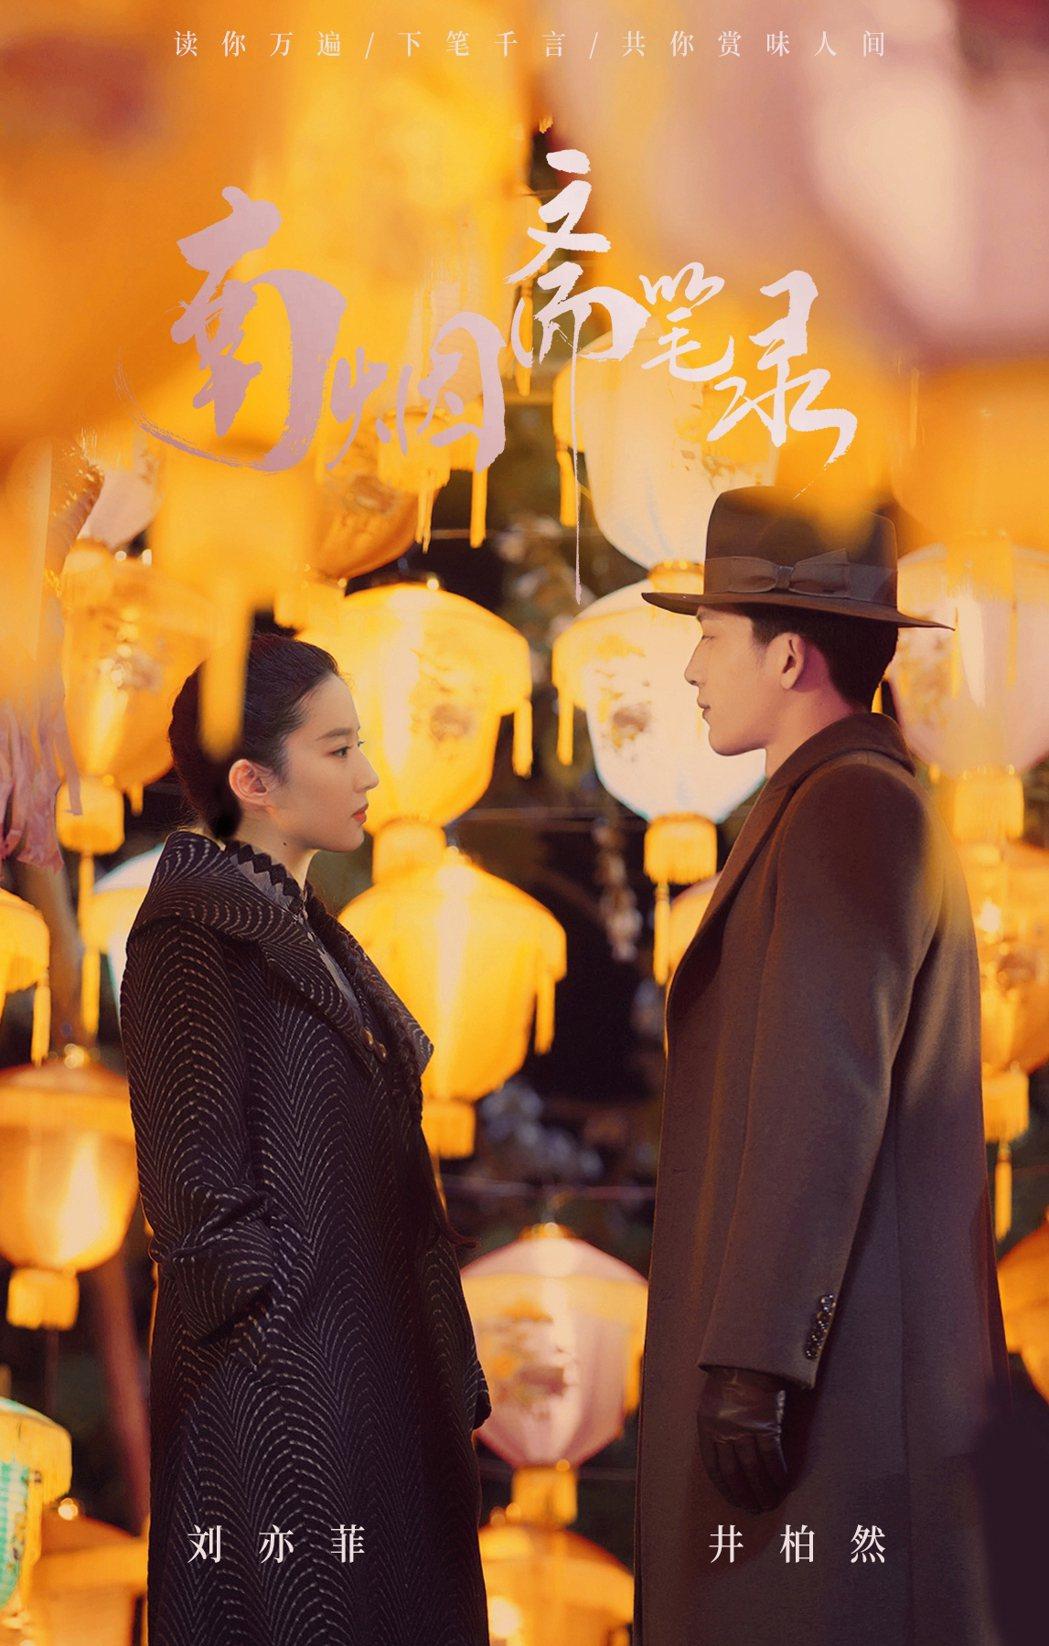 劉亦菲和井柏然主演的《南煙齋筆錄》。圖/擷自微博